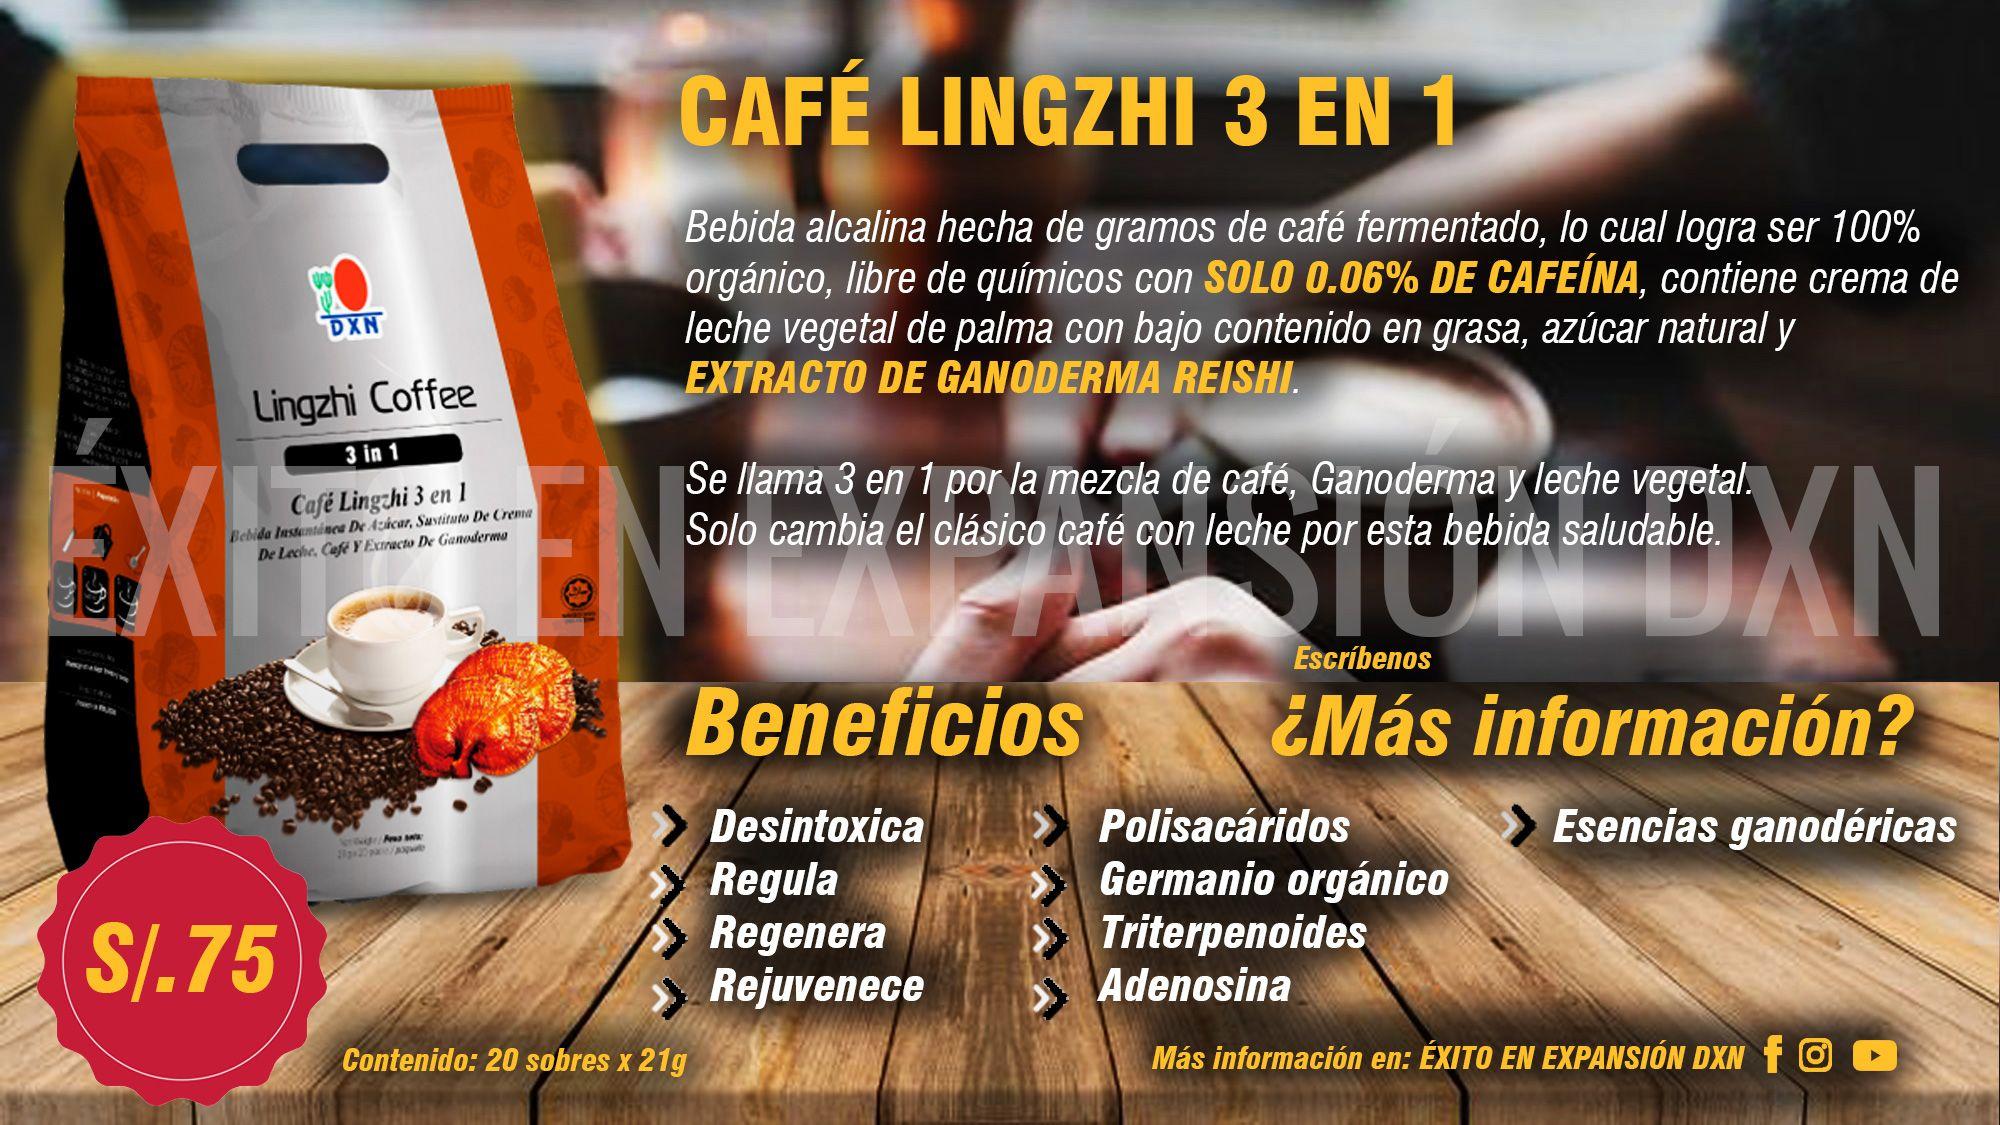 Cafe lingzhi 3 en 1 ayuda a bajar de peso